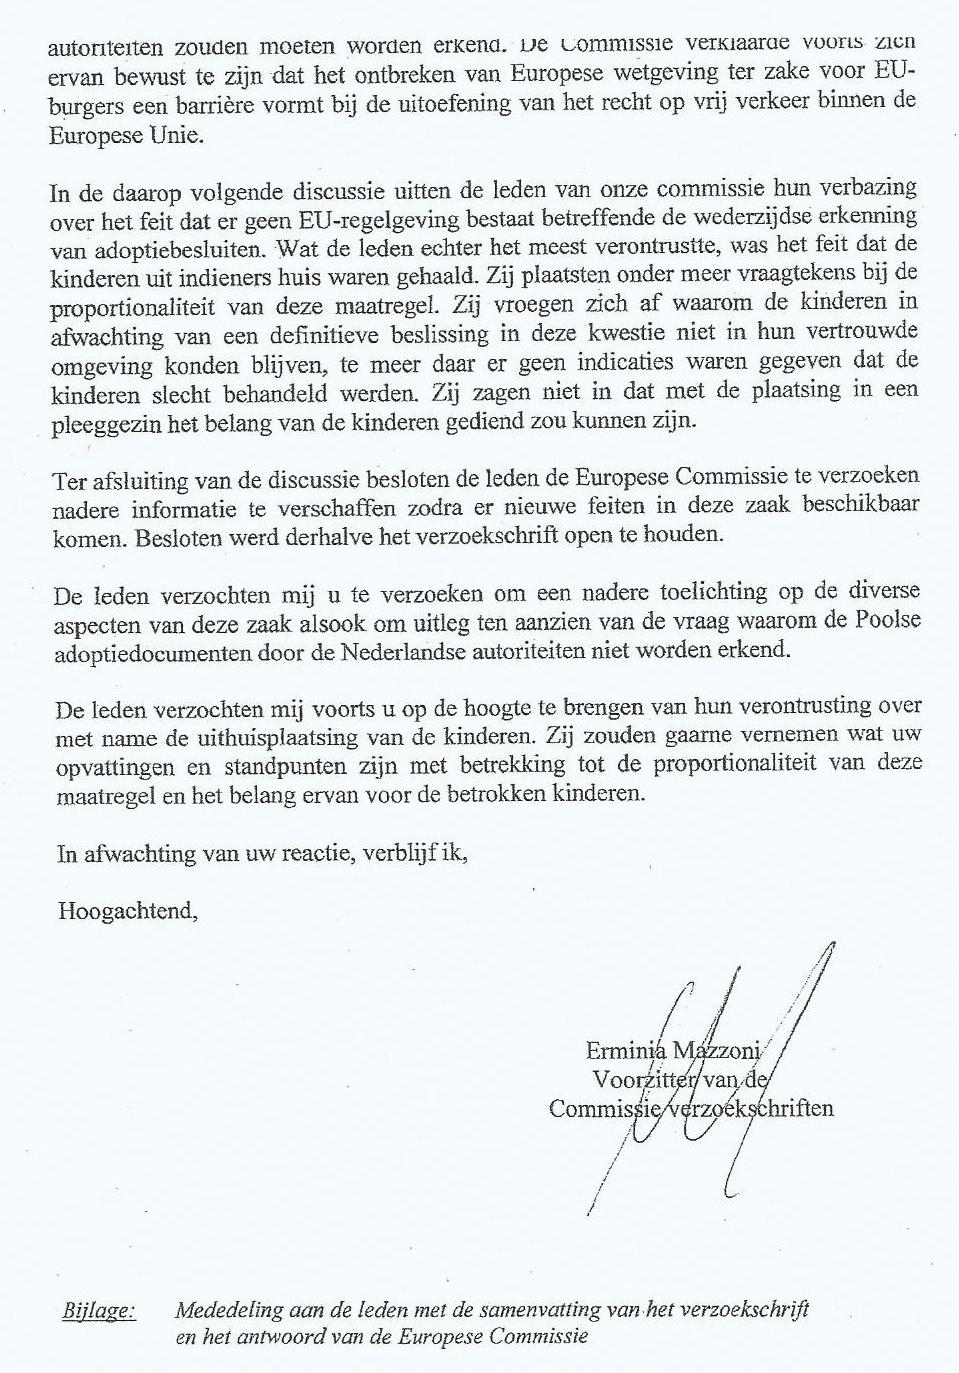 voorbeeldbrief opvragen dossier JeugdzDark horse   Archief: Nederland handelt in strijd met  voorbeeldbrief opvragen dossier